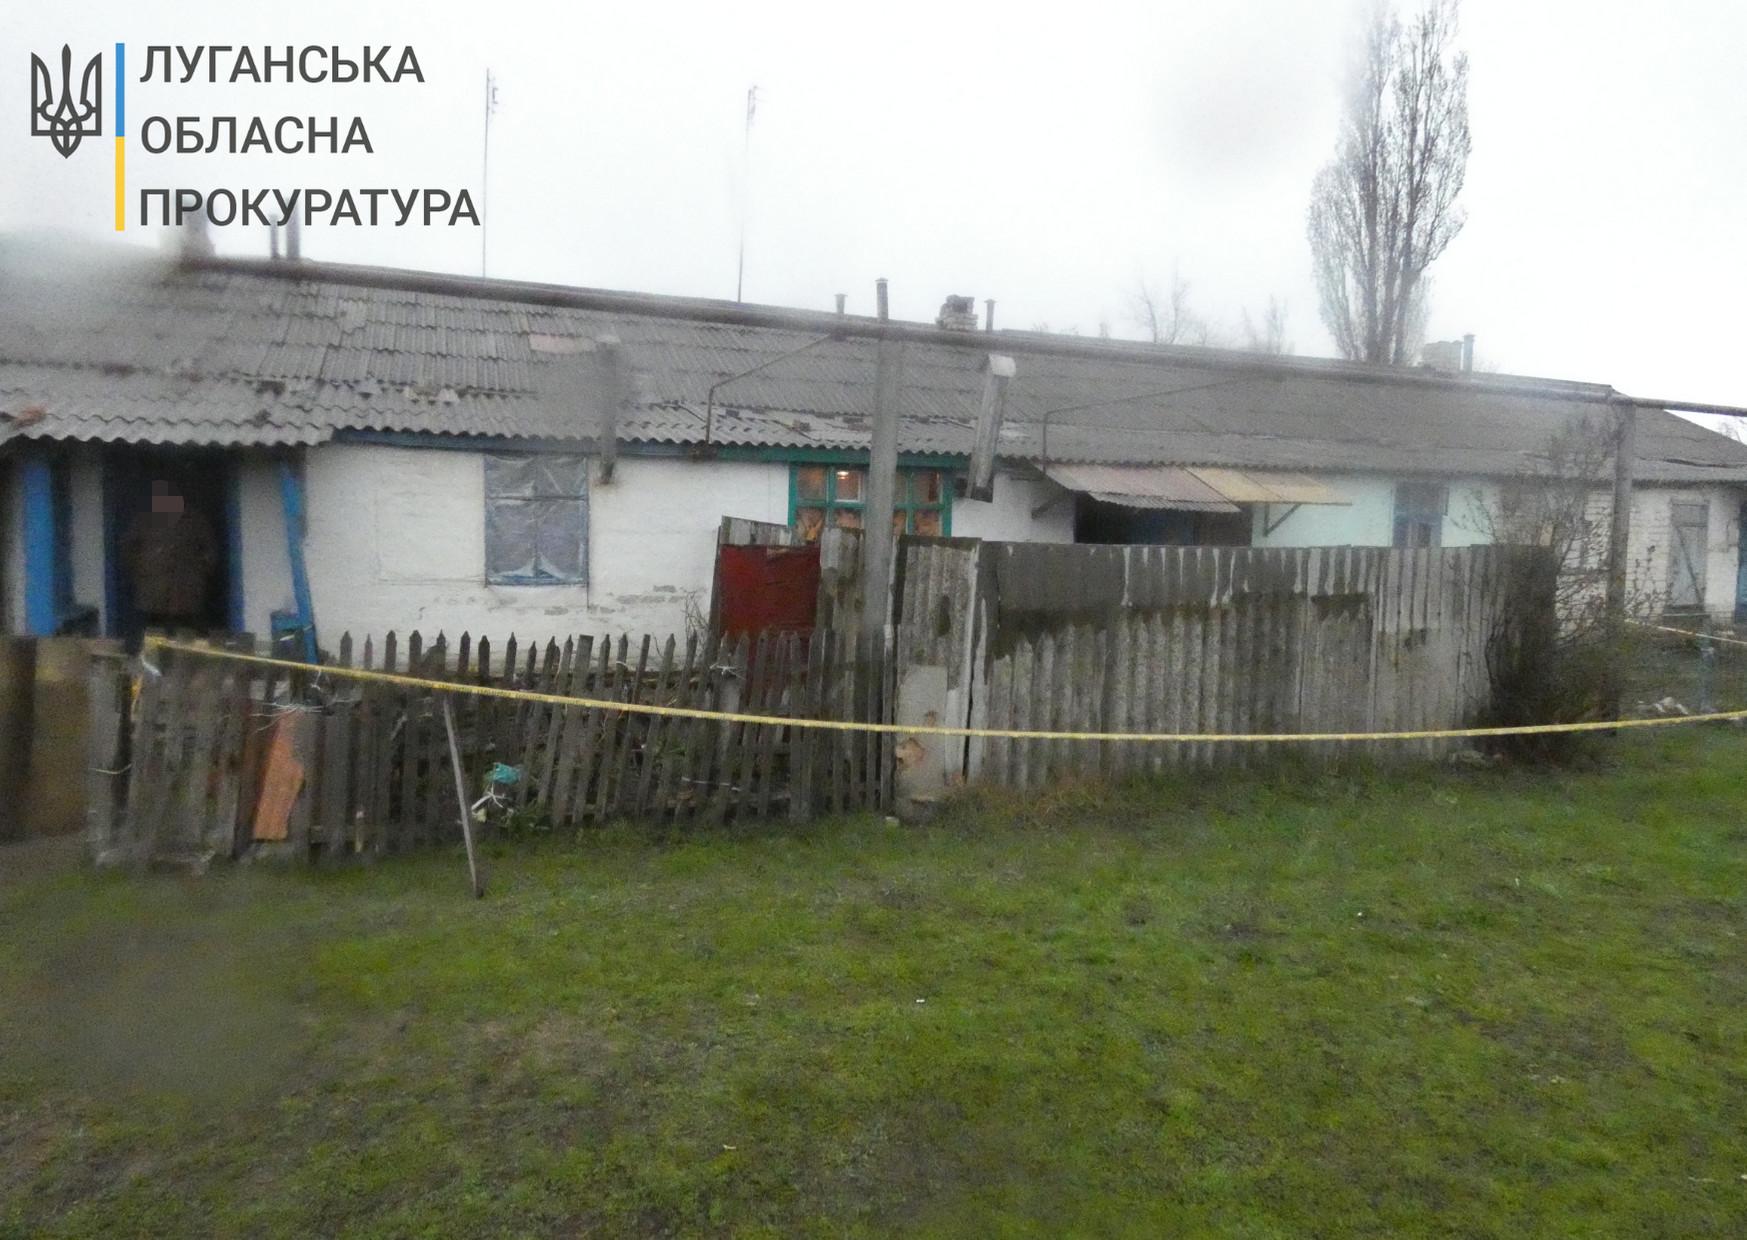 Мешканця Старобільського району, який жорстоко позбавив життя співмешканку, взято під варту